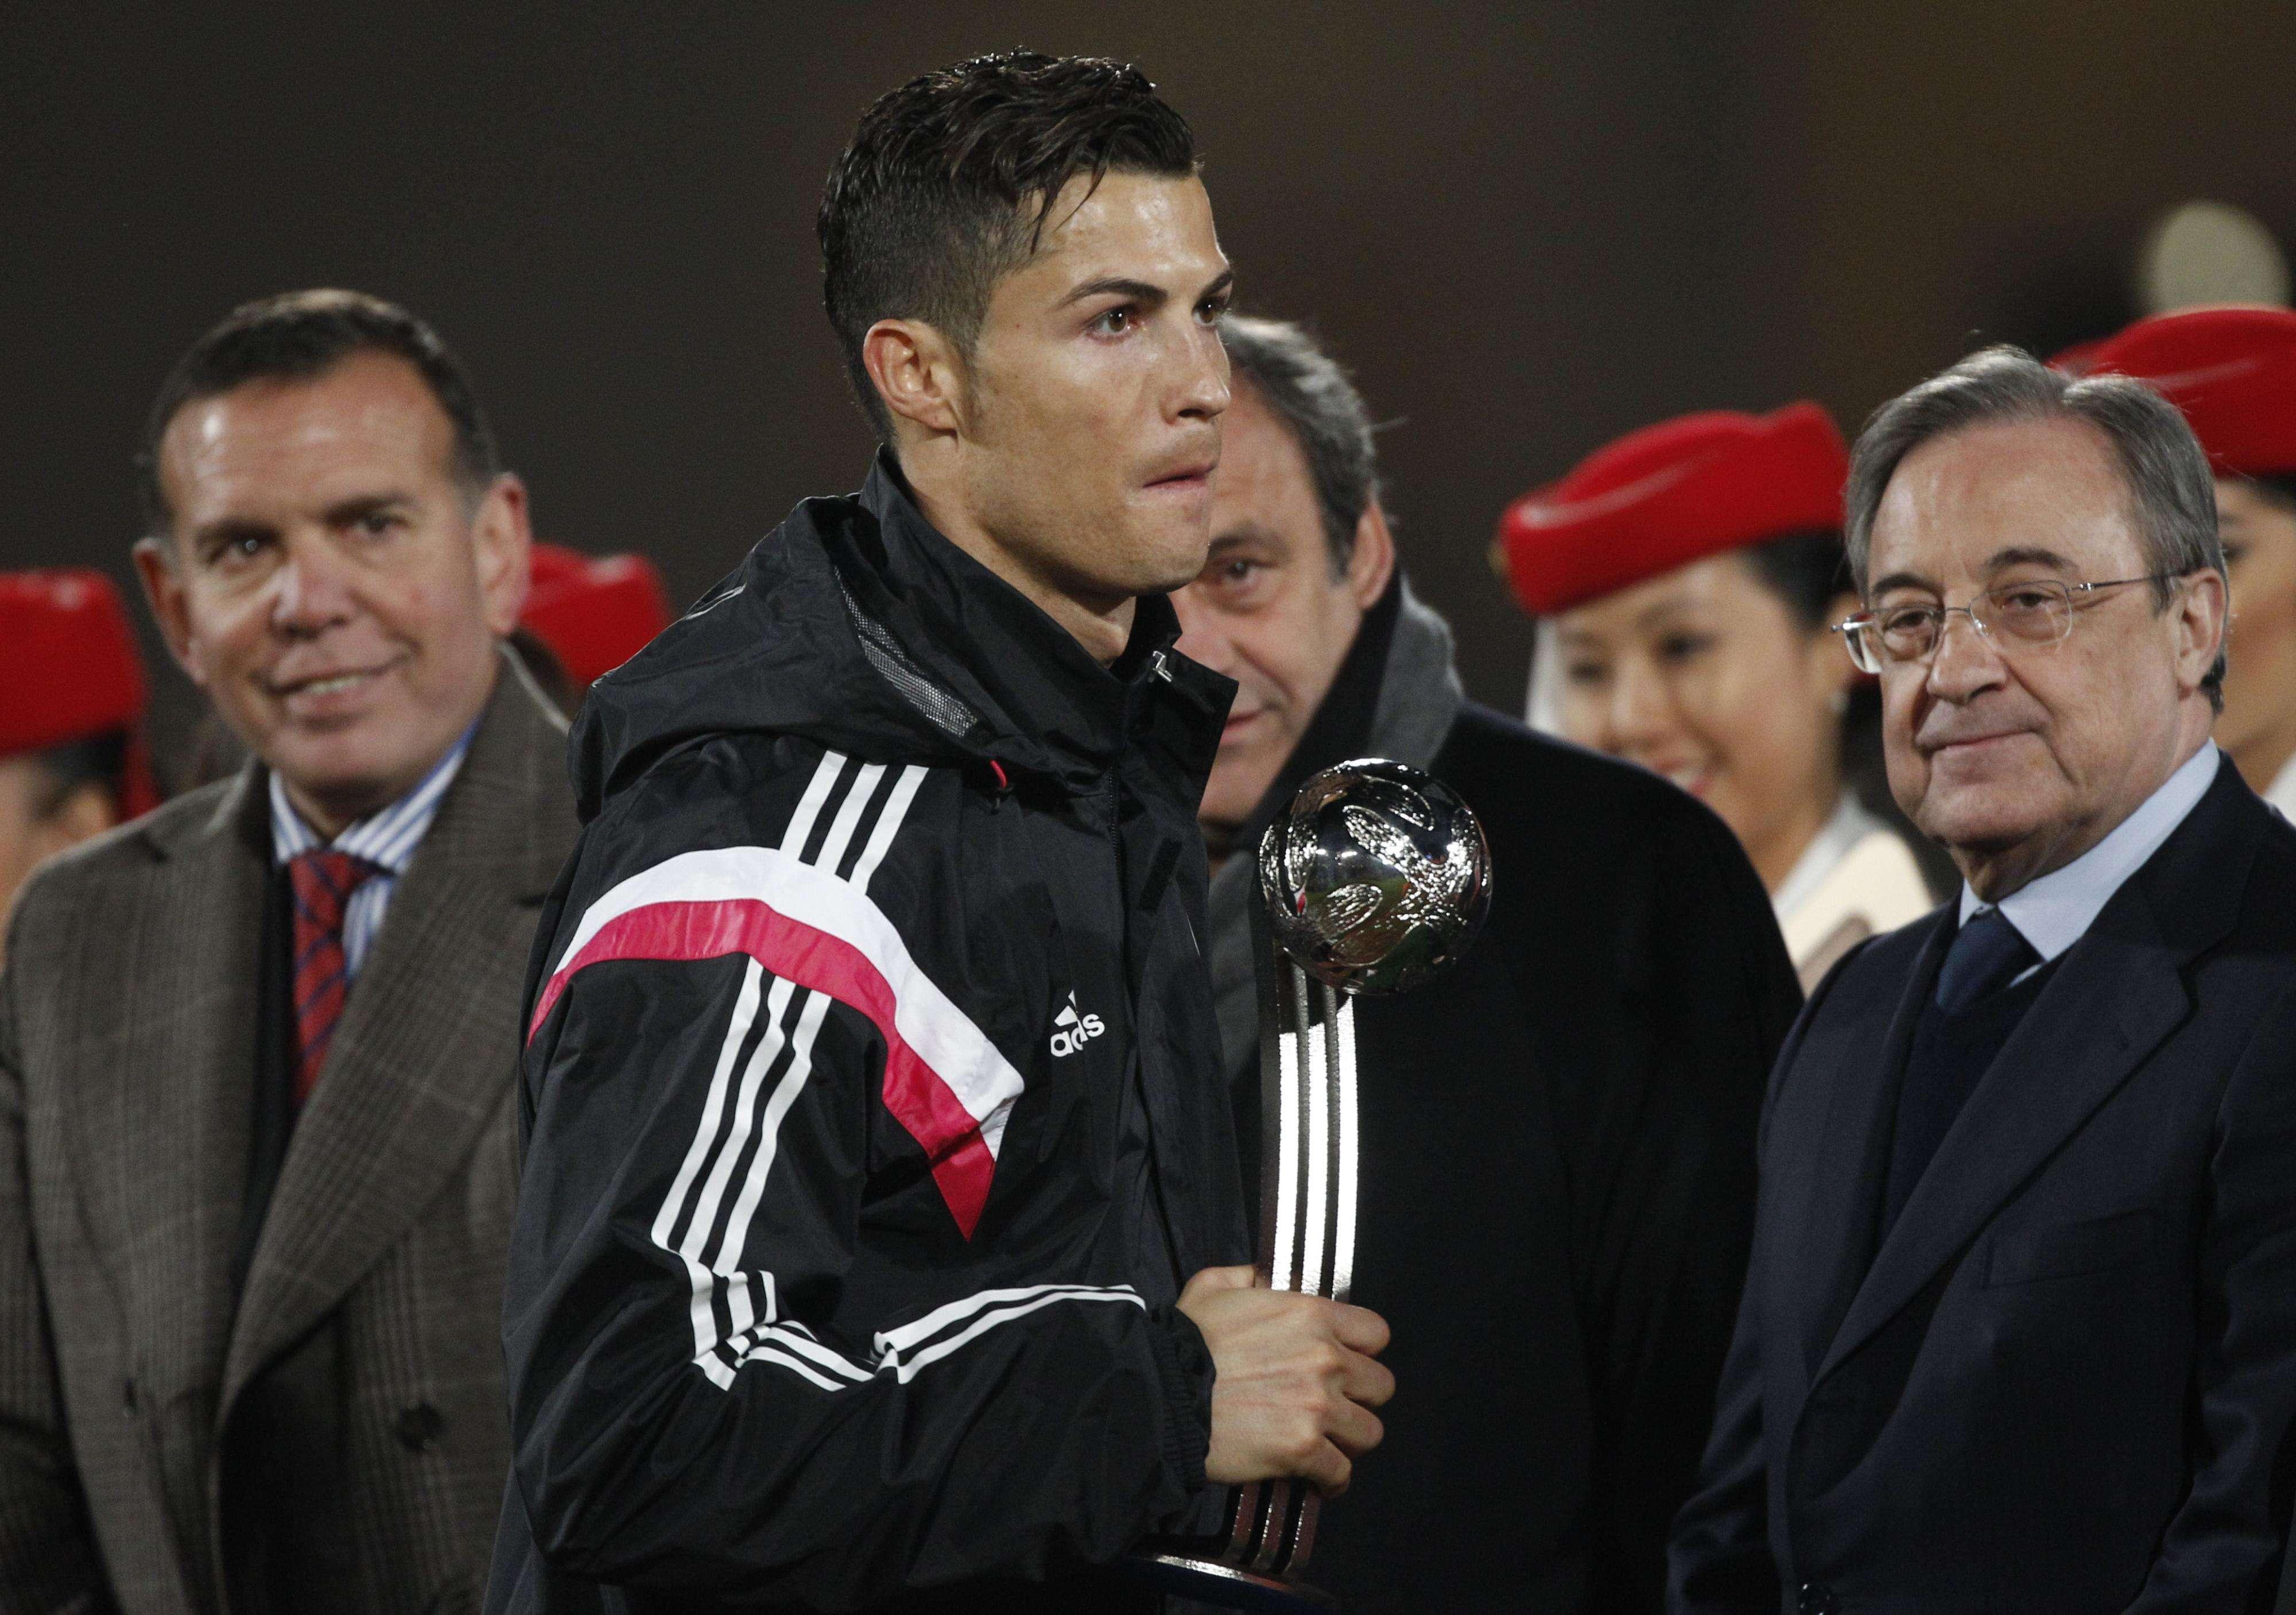 Cristiano Ronaldo cumprimentou Platini apenas após levar a Bola de Prata Foto: Christoph Ena/AP